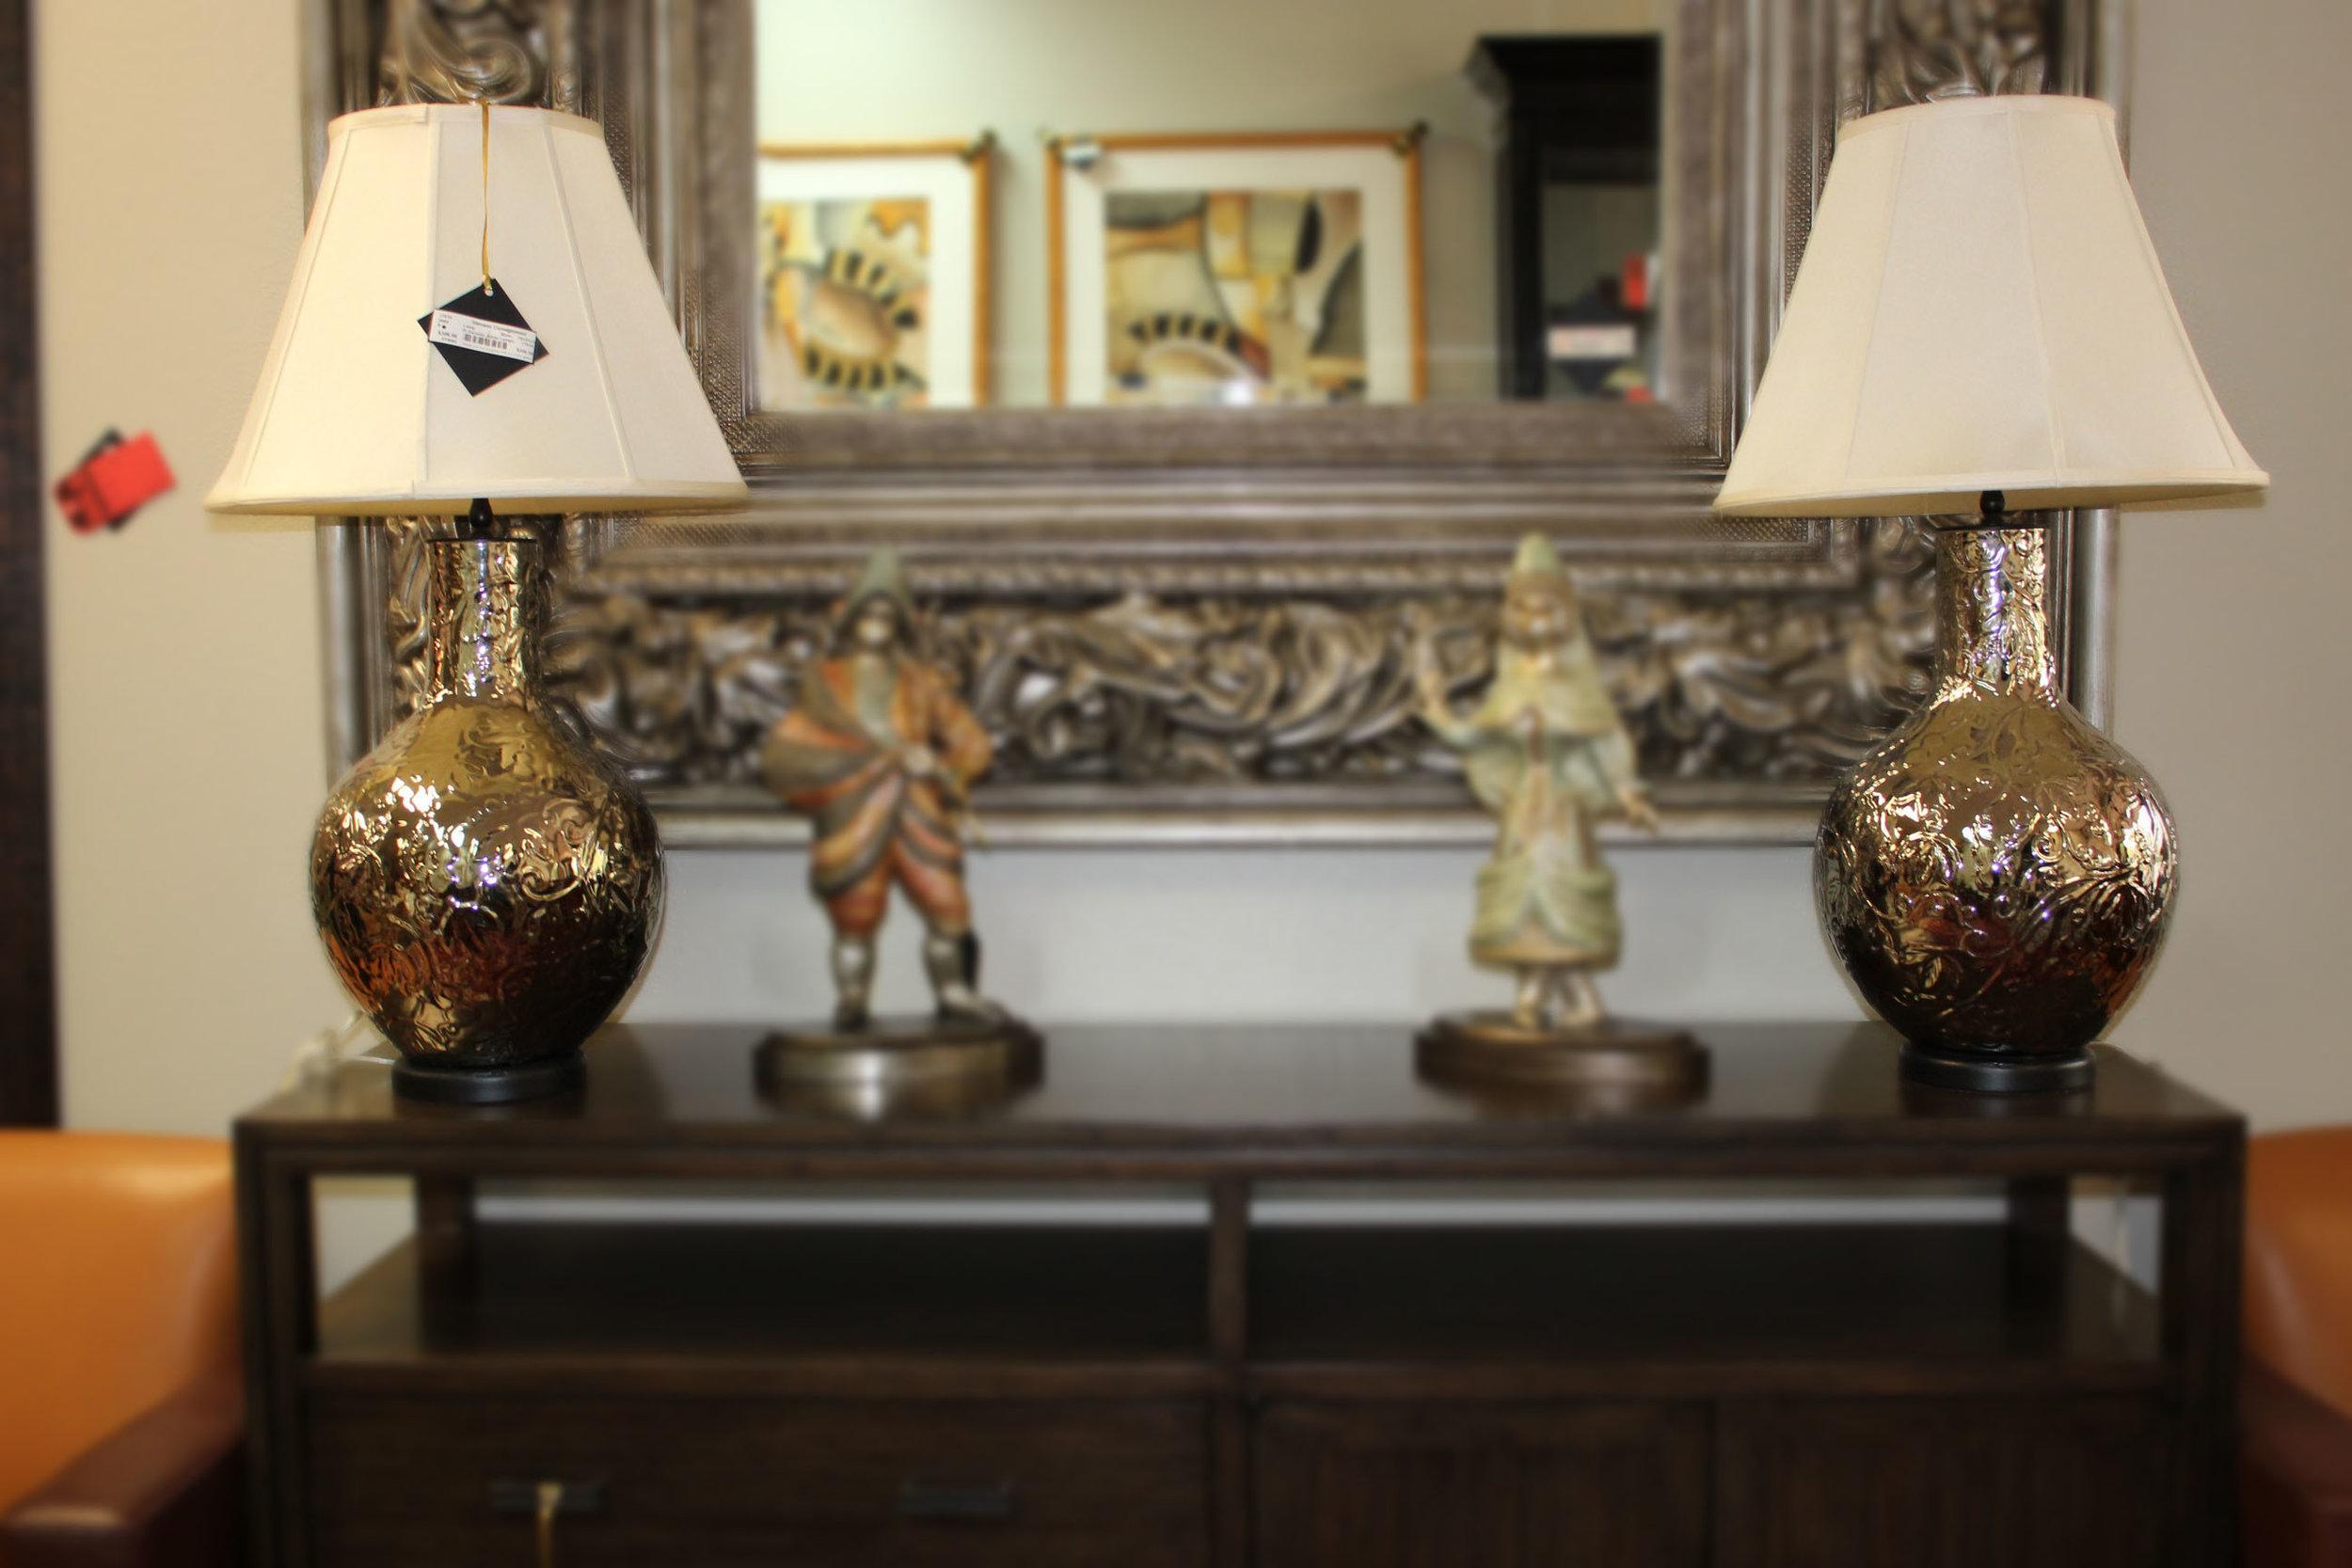 Pair of Metal Silver Lamps